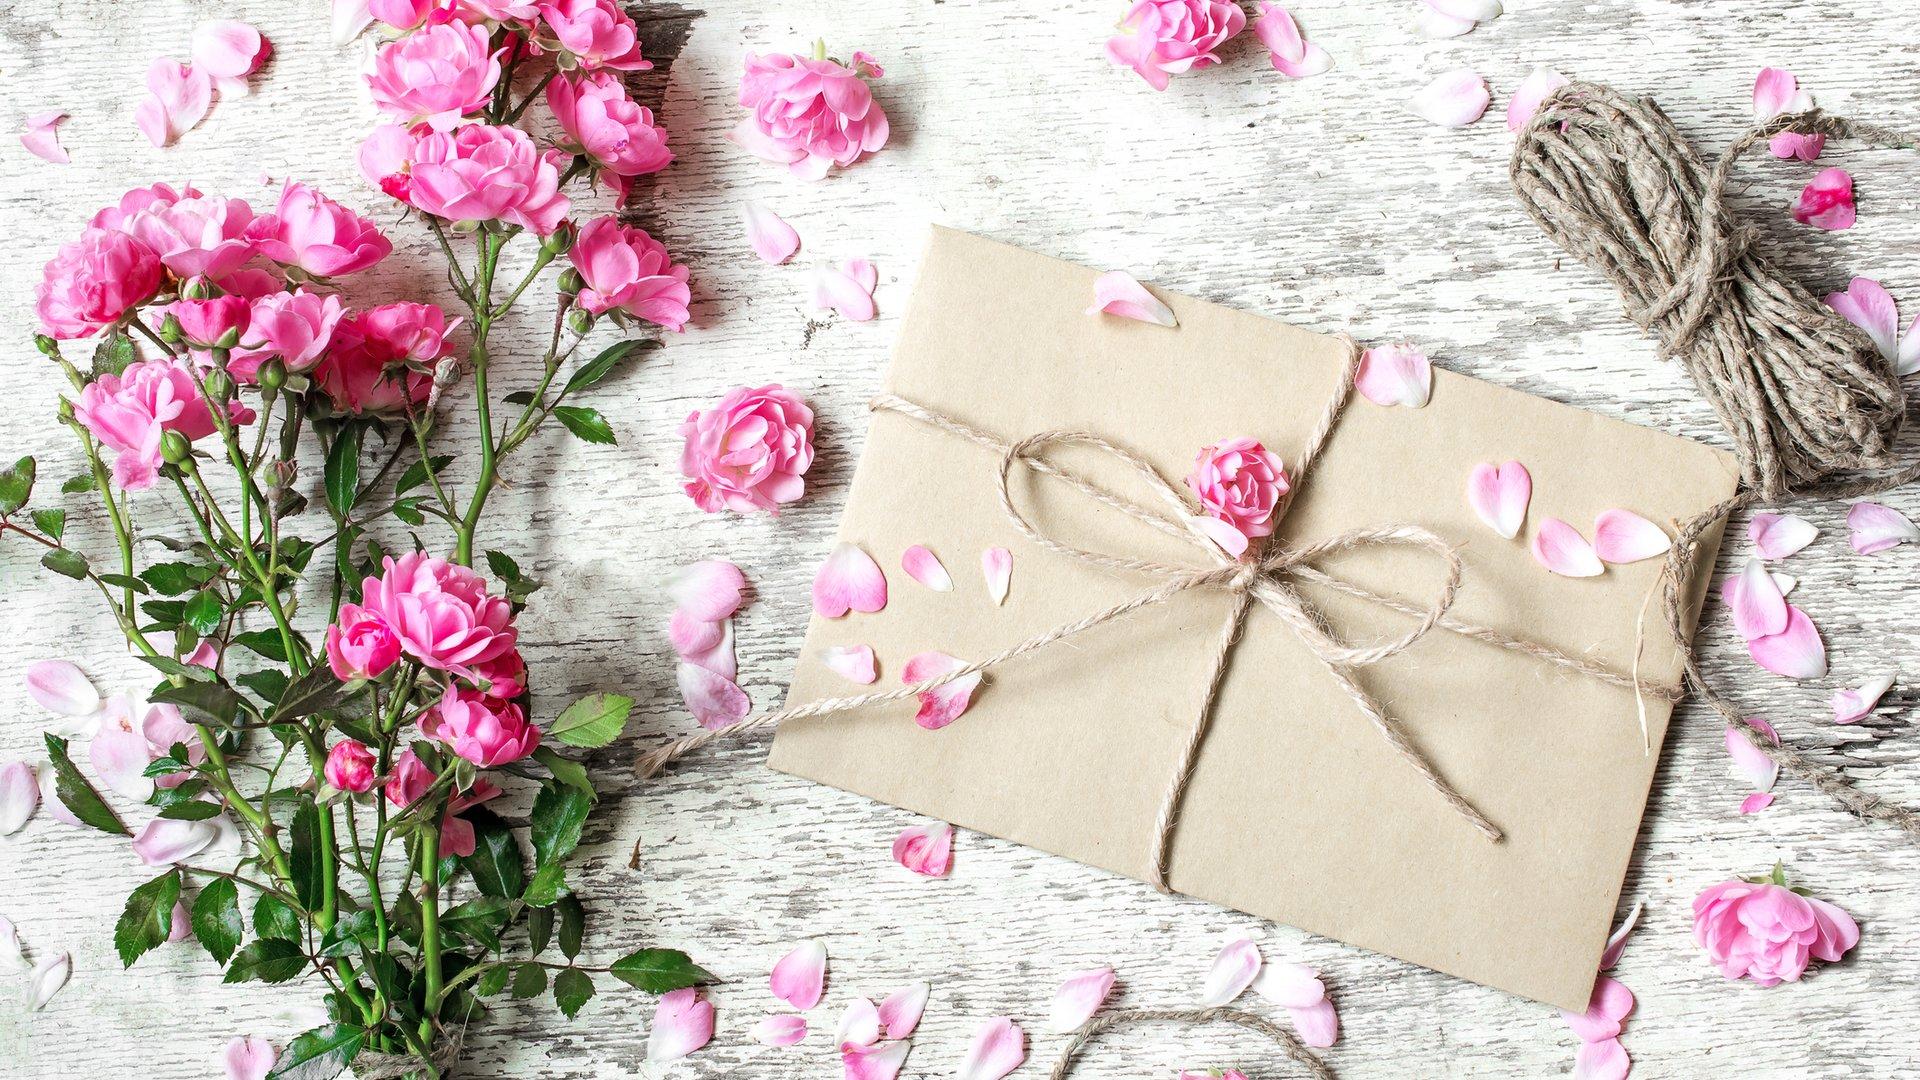 Hochzeitstag eltern gratulation Glückwünsche zur